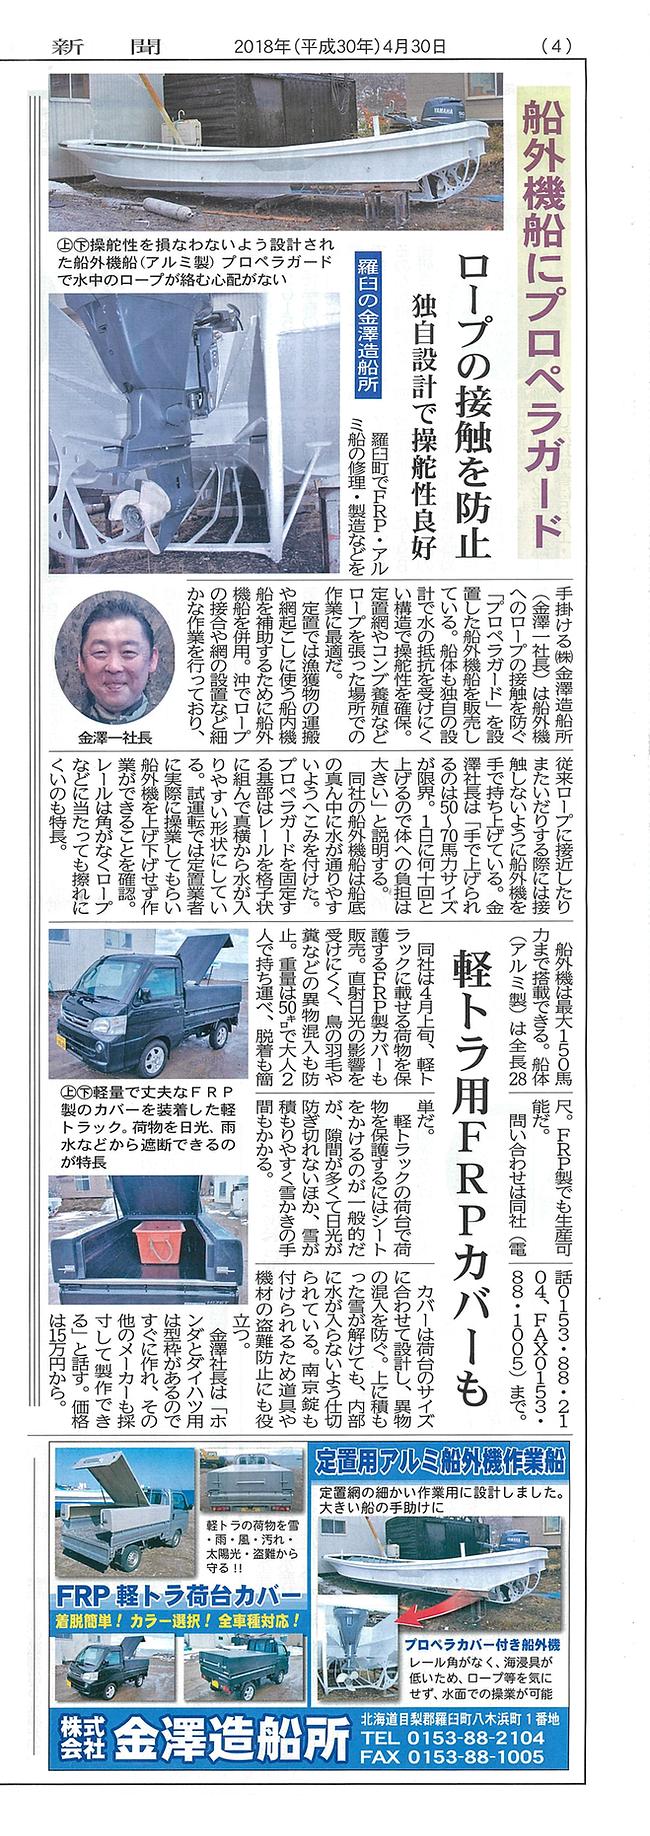 水産新聞軽トラカバー